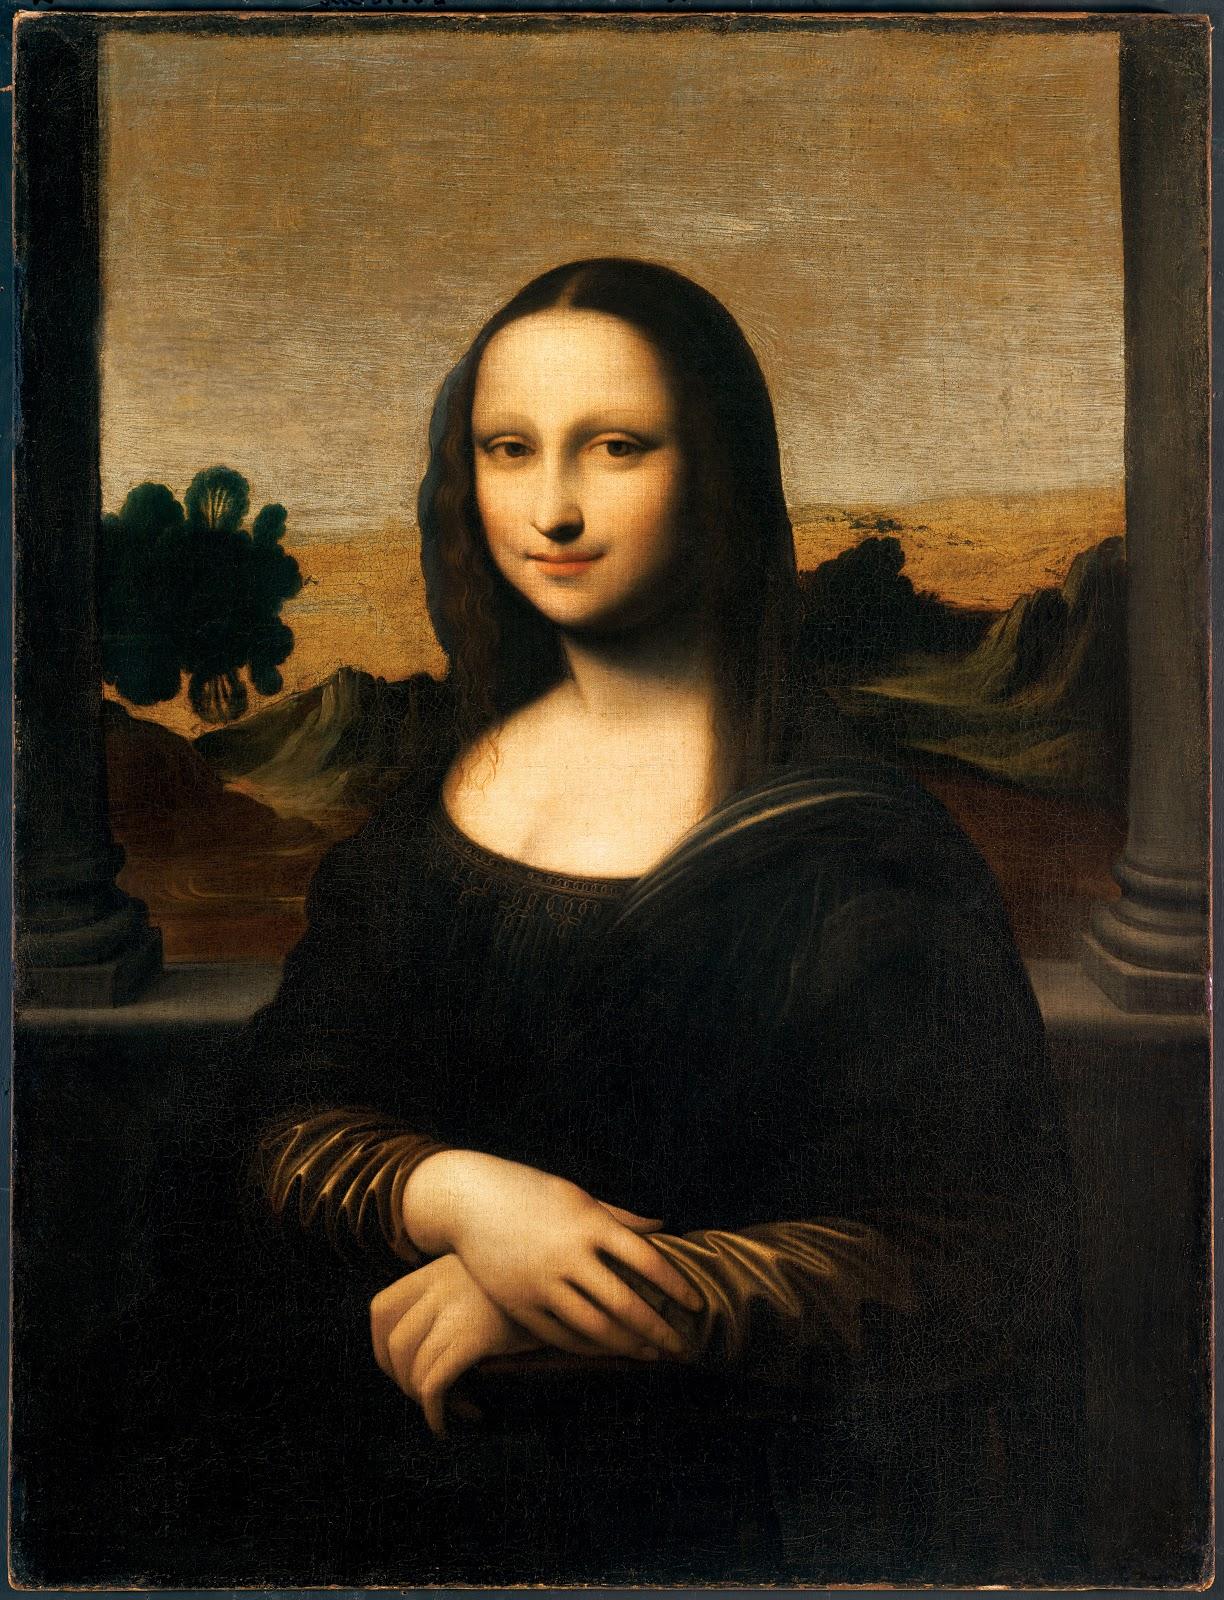 レオナルド・ダ・ヴィンチが描いたかも知れないアイルワースのモナリザ